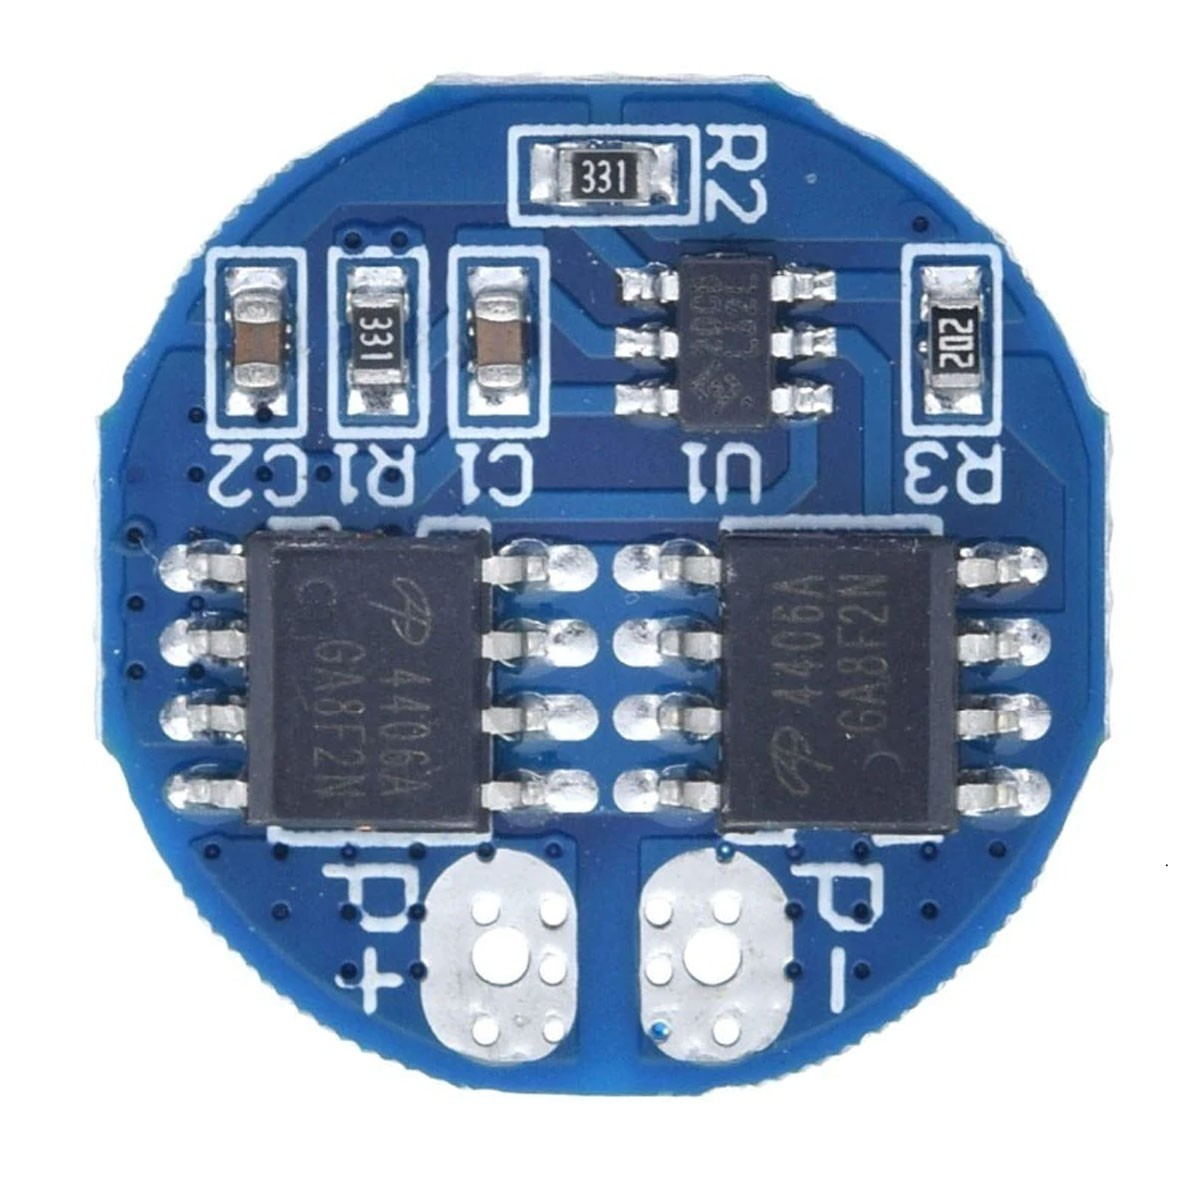 Módulo carregador de bateria 2S 5A com proteção BMS